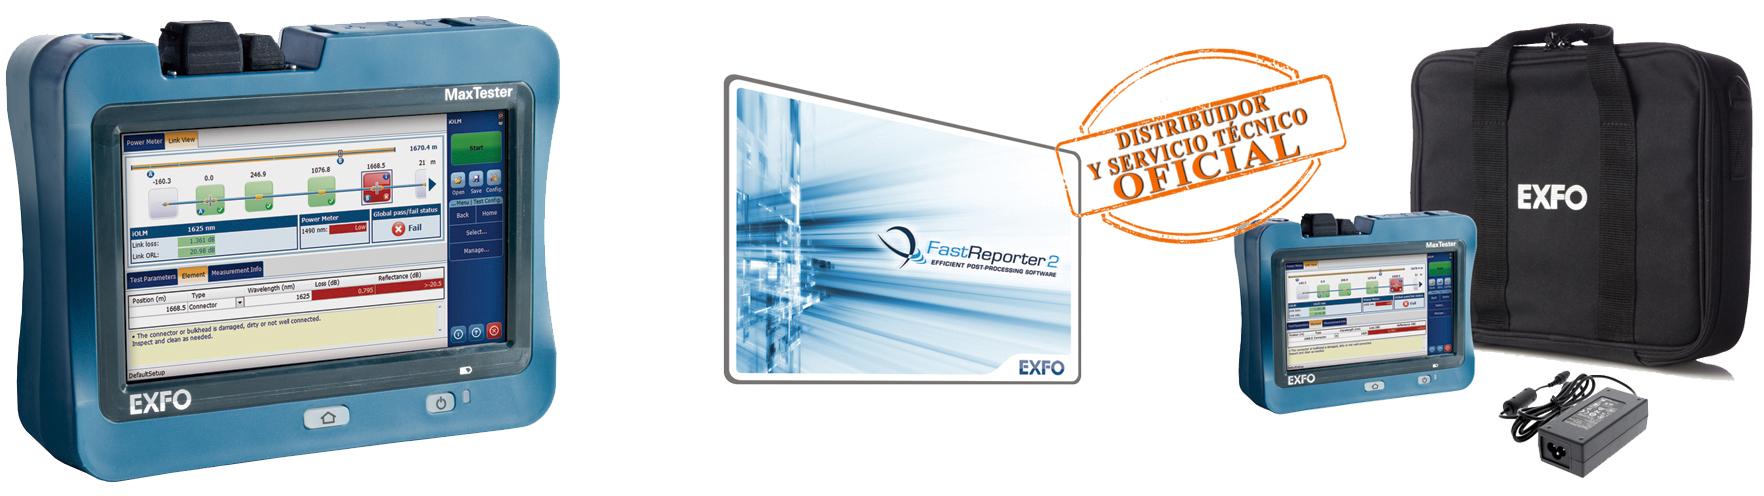 Kit OTDR EXFO Fibercom sello